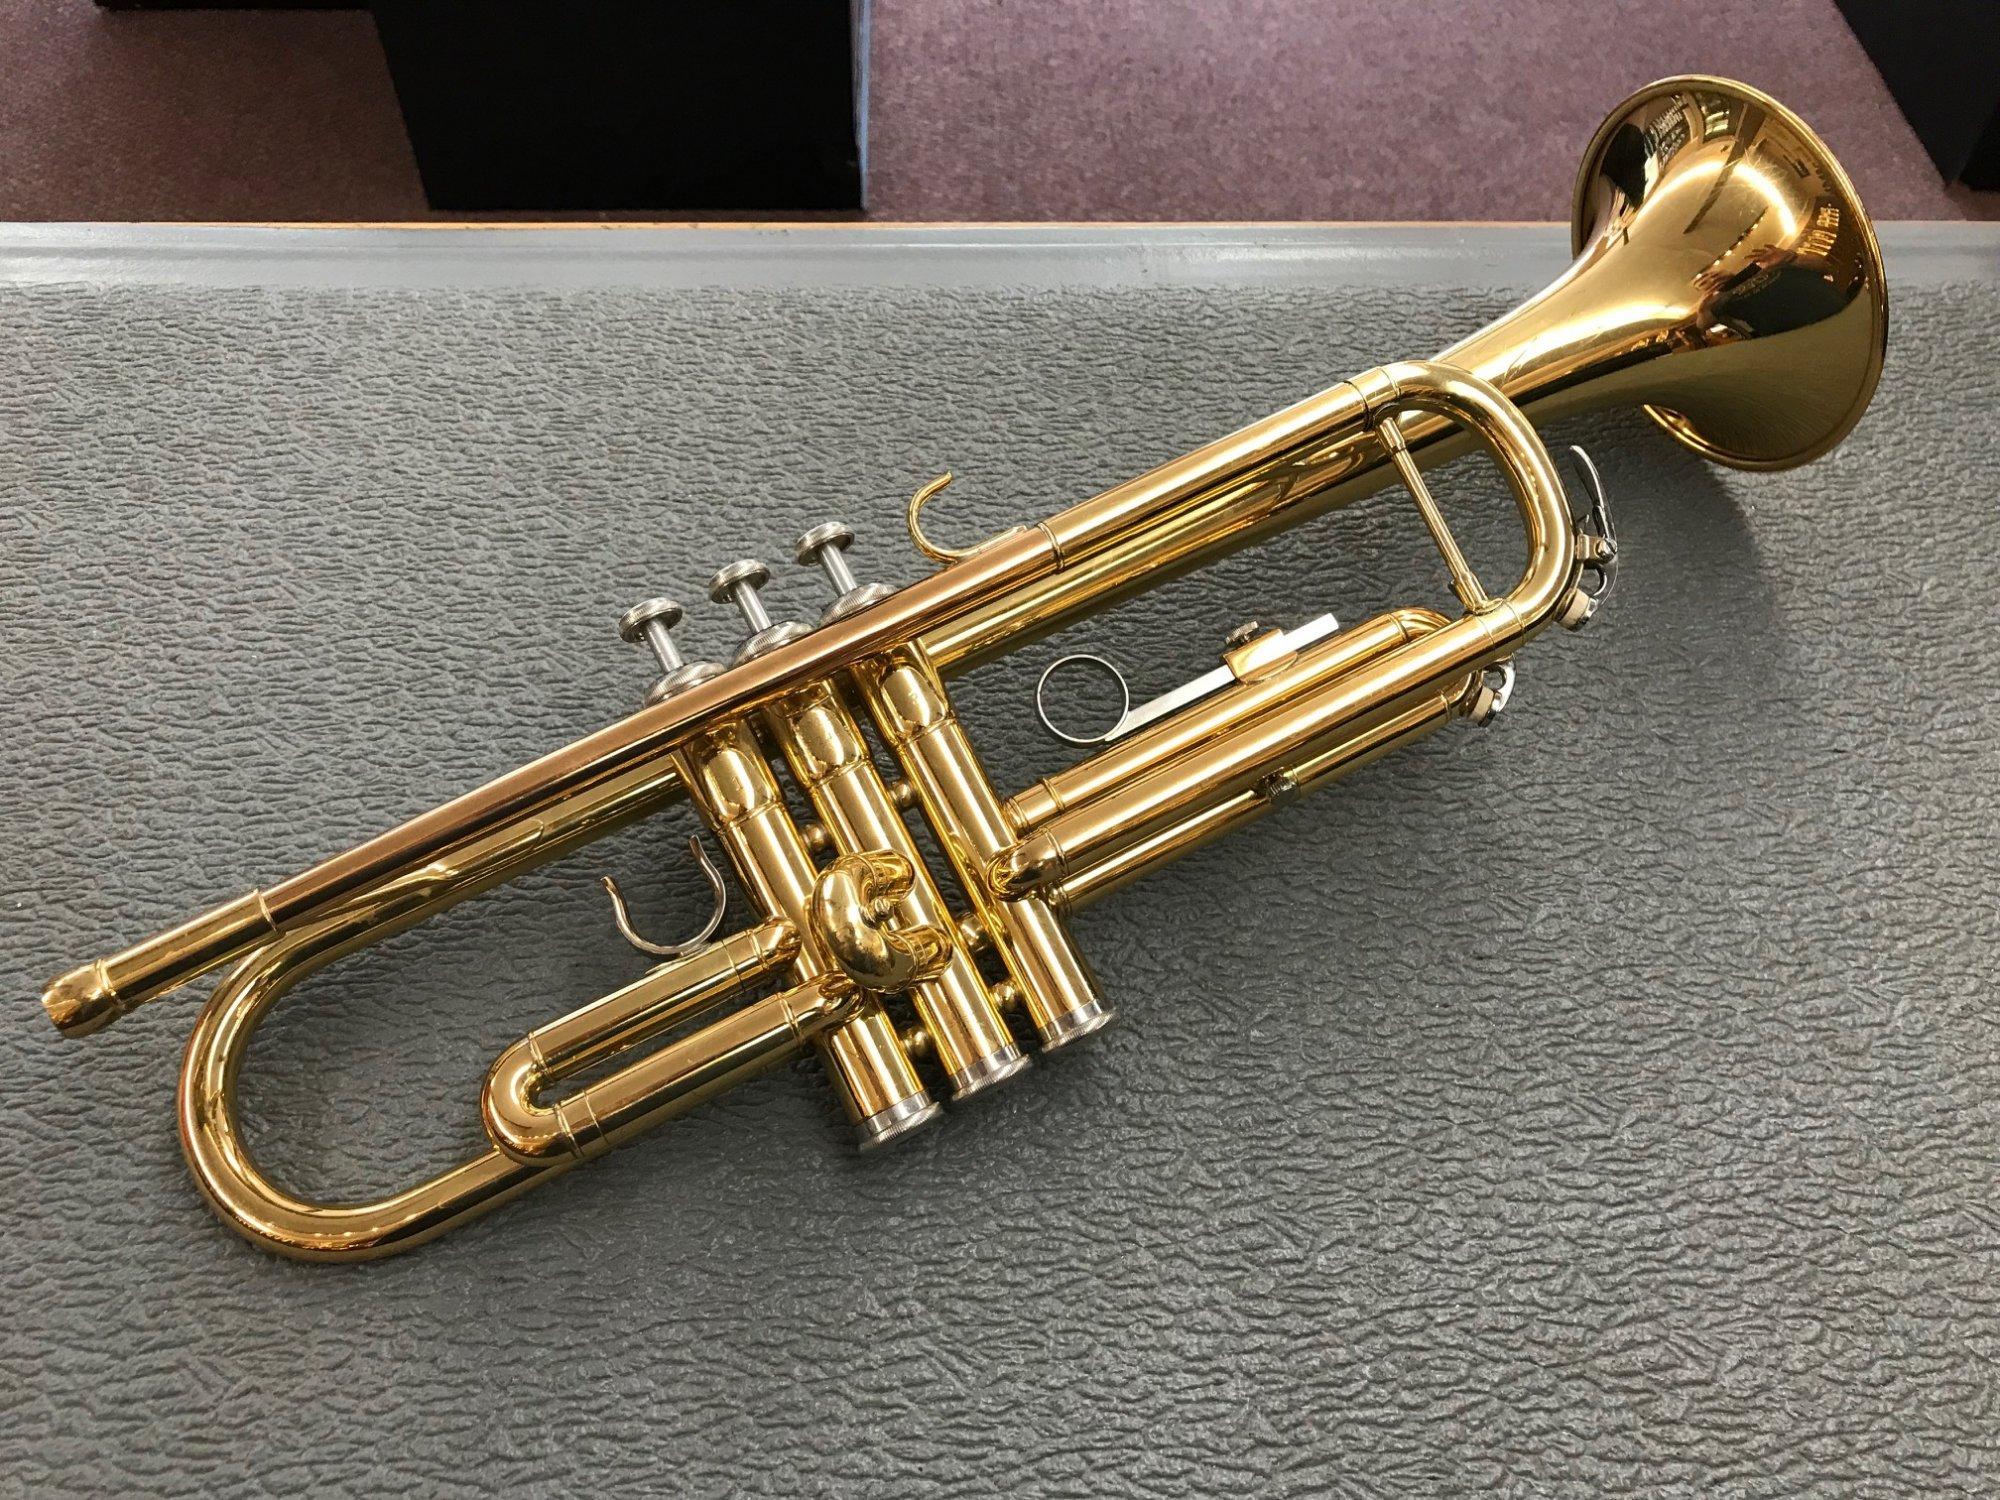 Used Yamaha YTR-2335 Trumpet